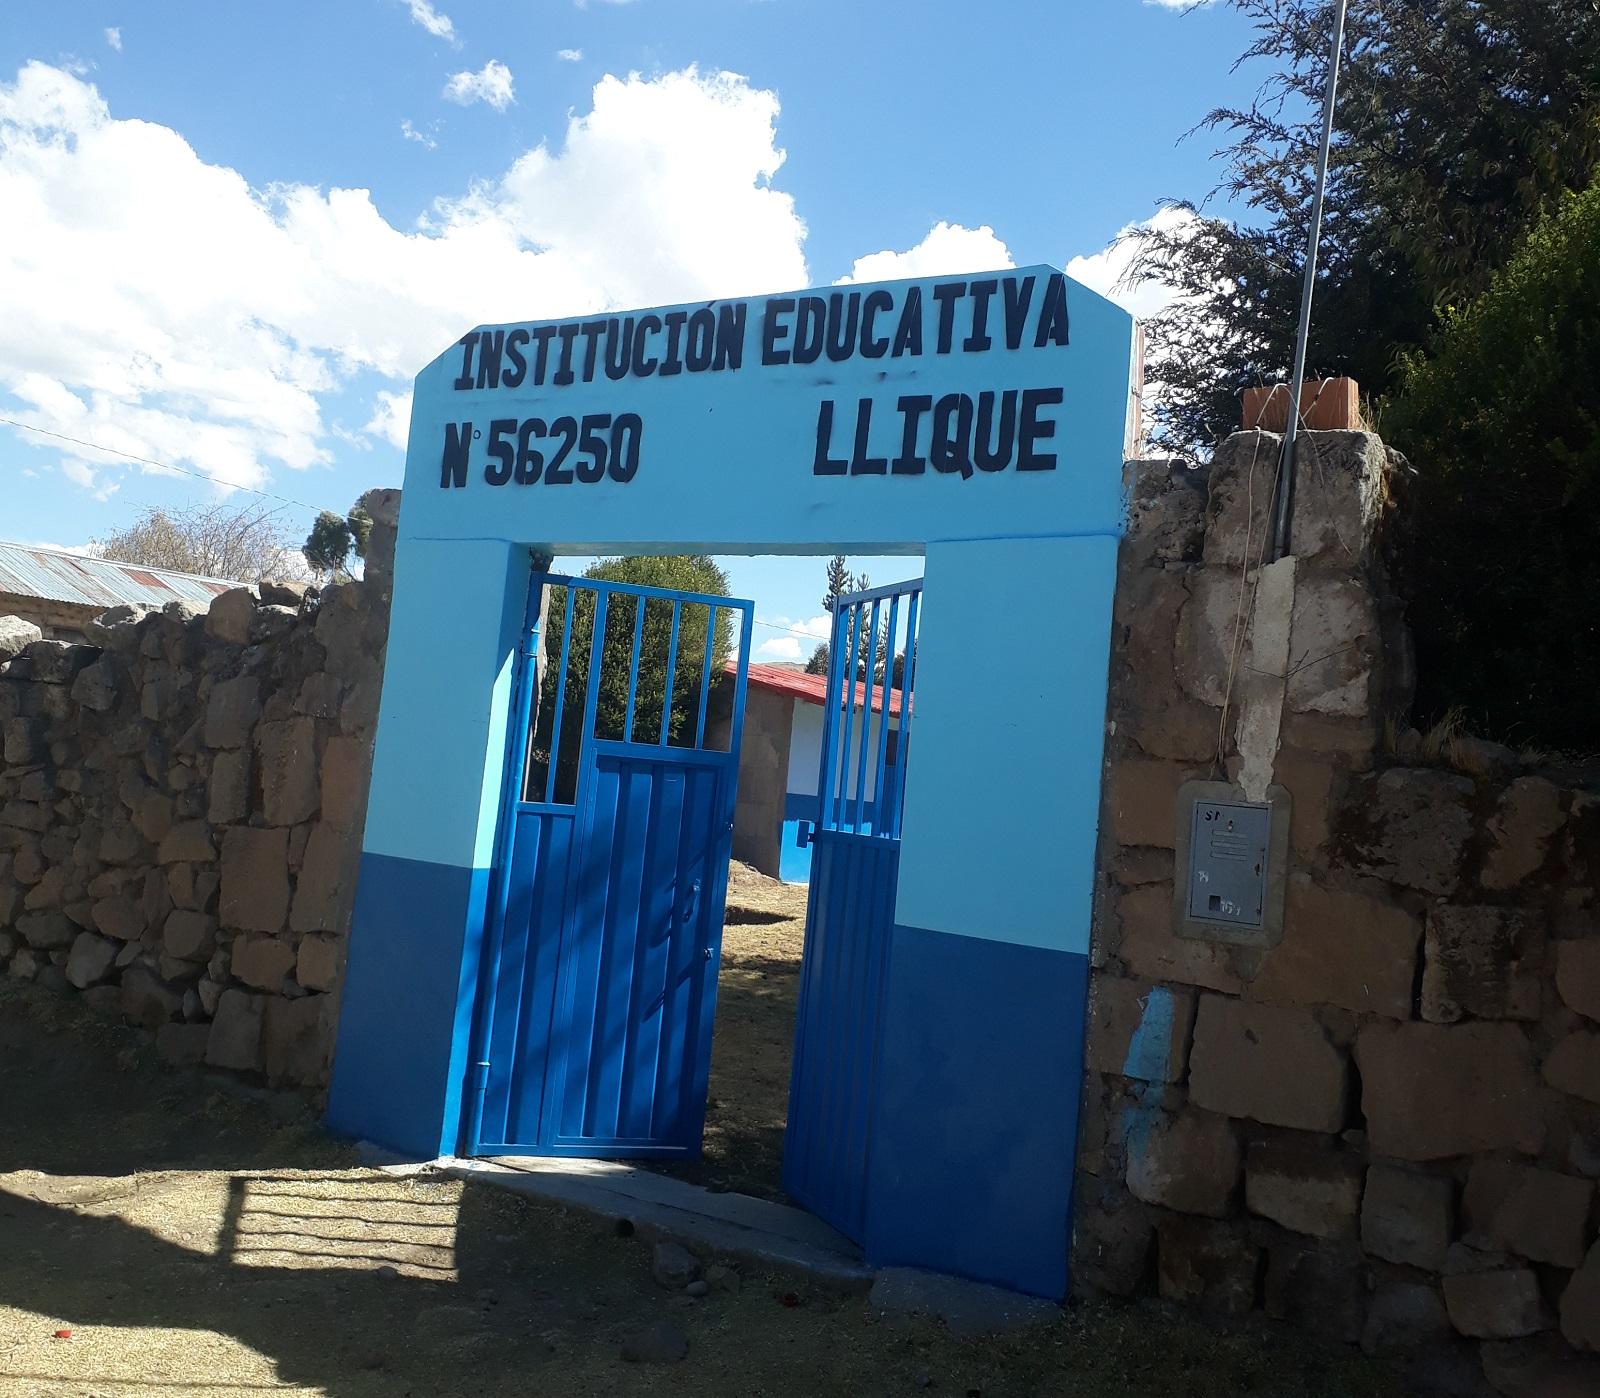 Escuela 56250 - Llique